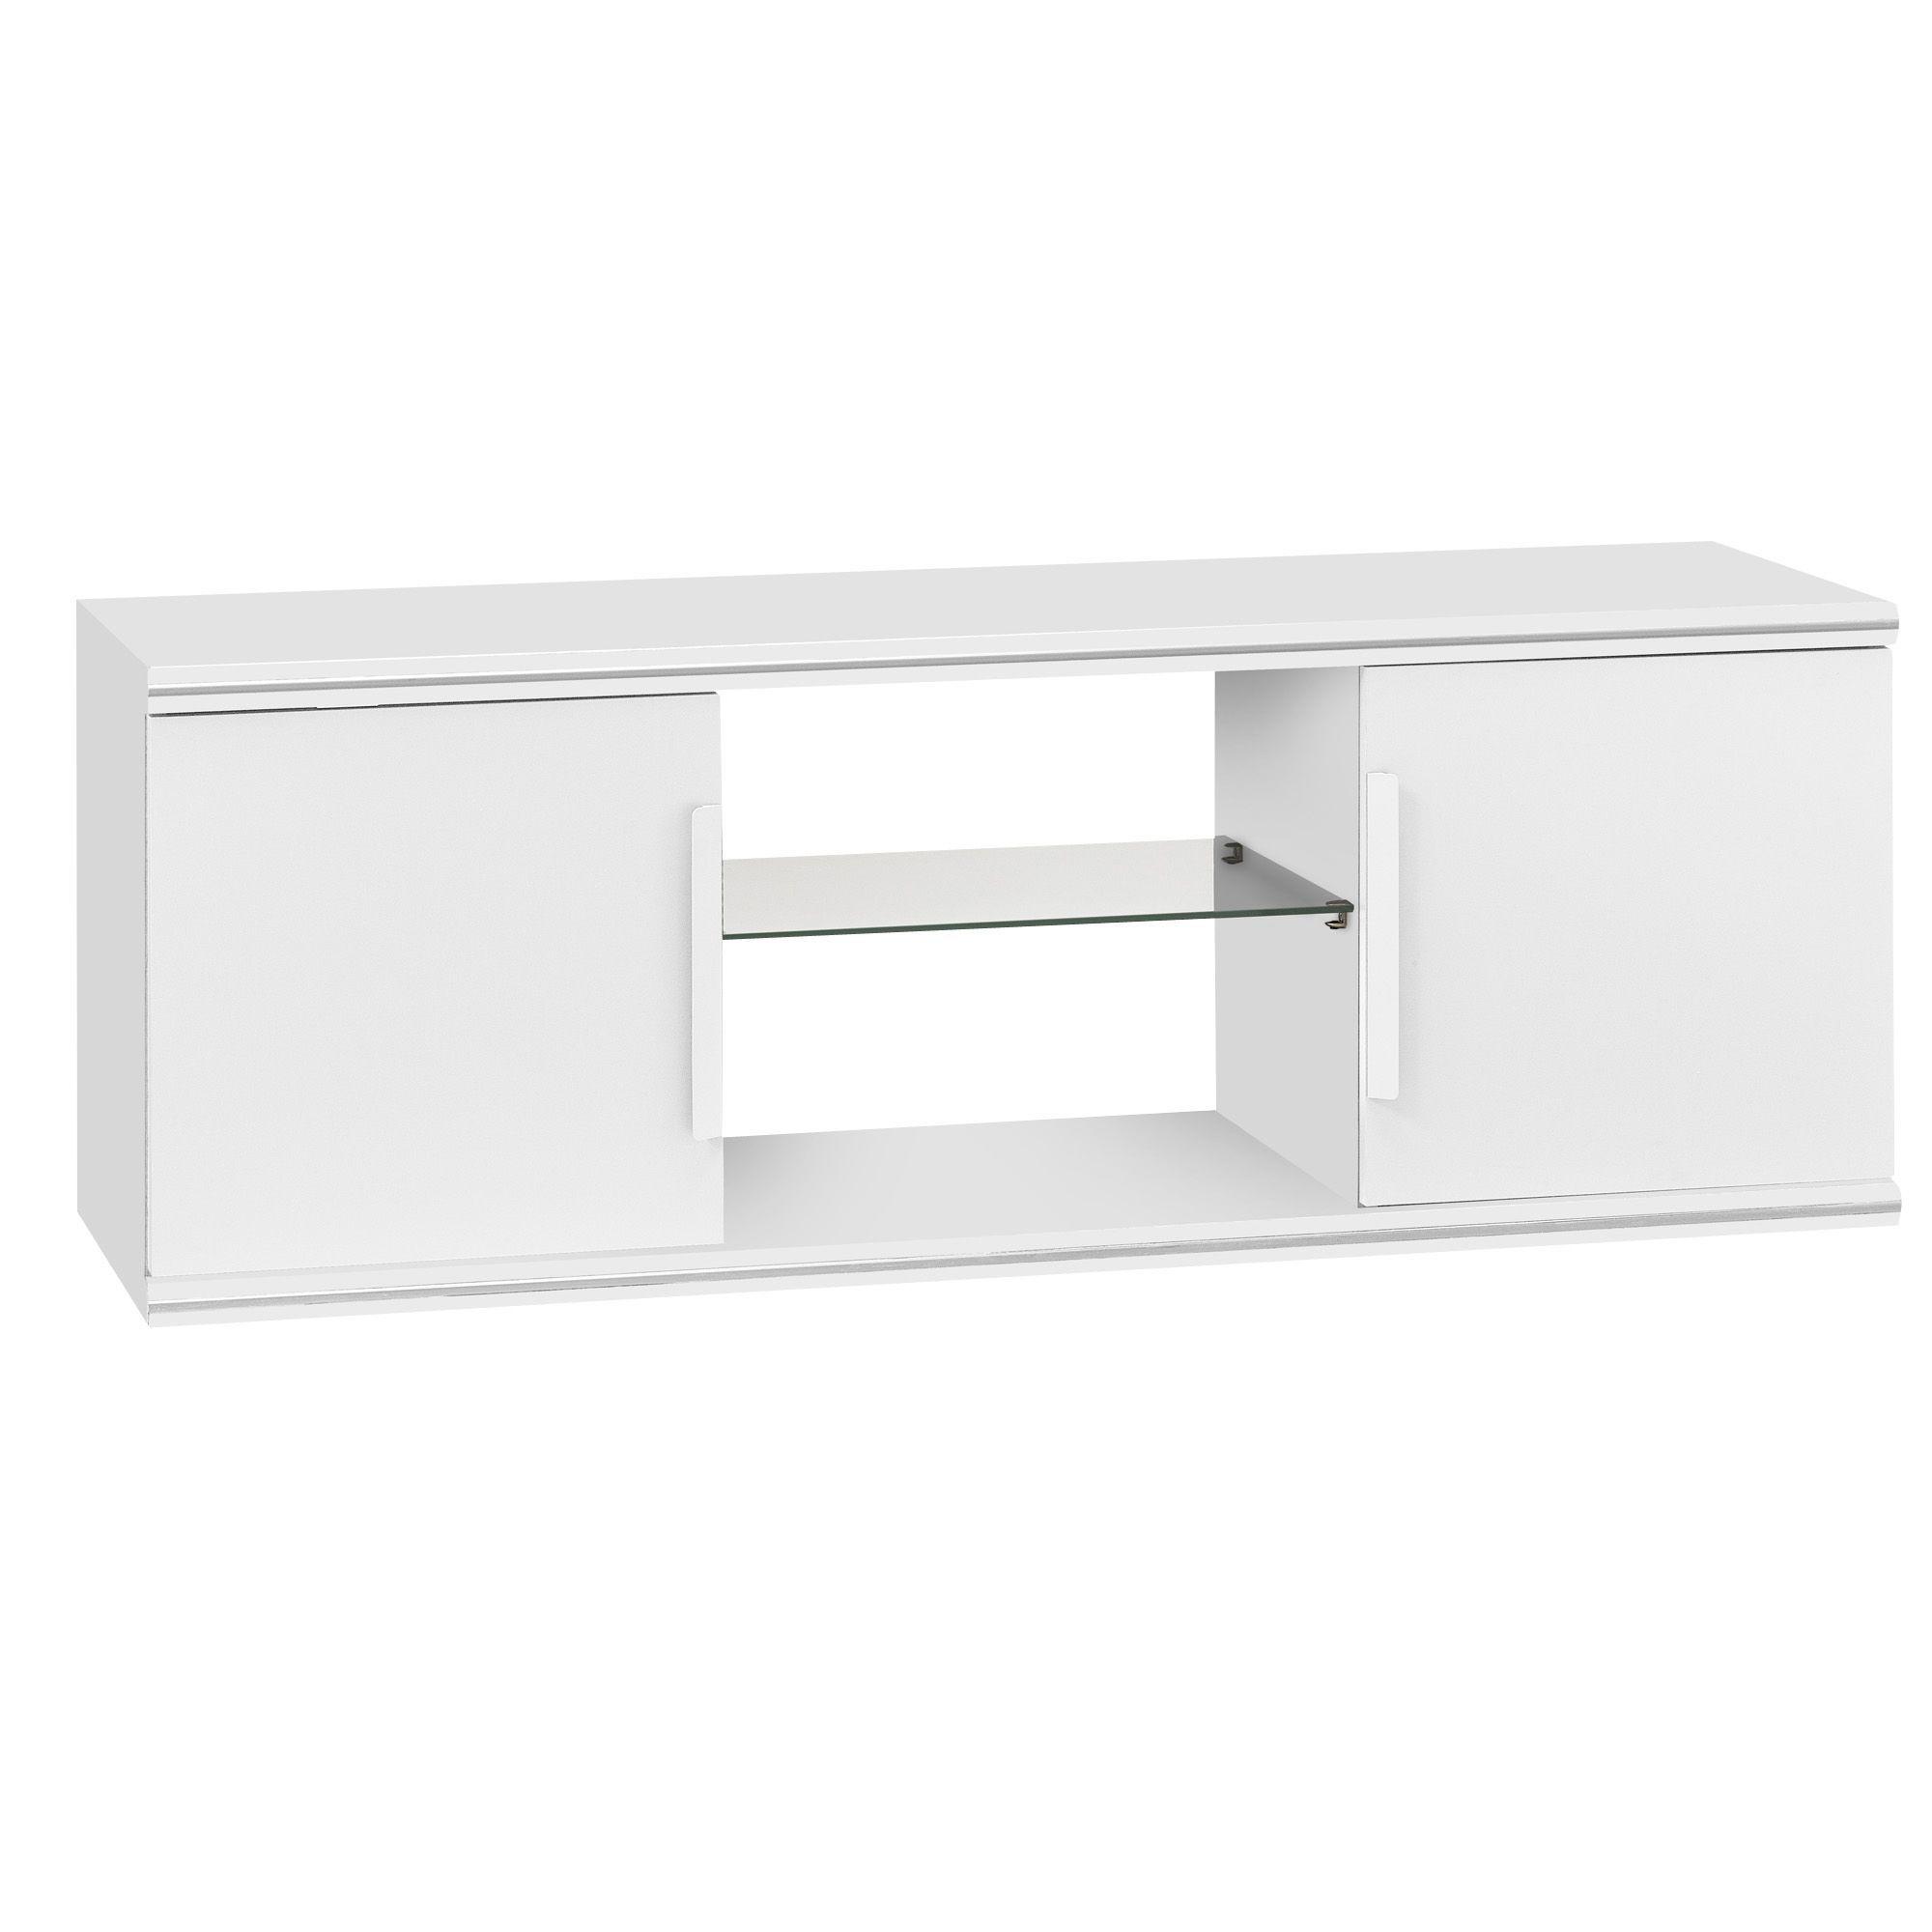 Banc Tv 2 Portes Blanc Blanc Jasper Les Meubles T L Les